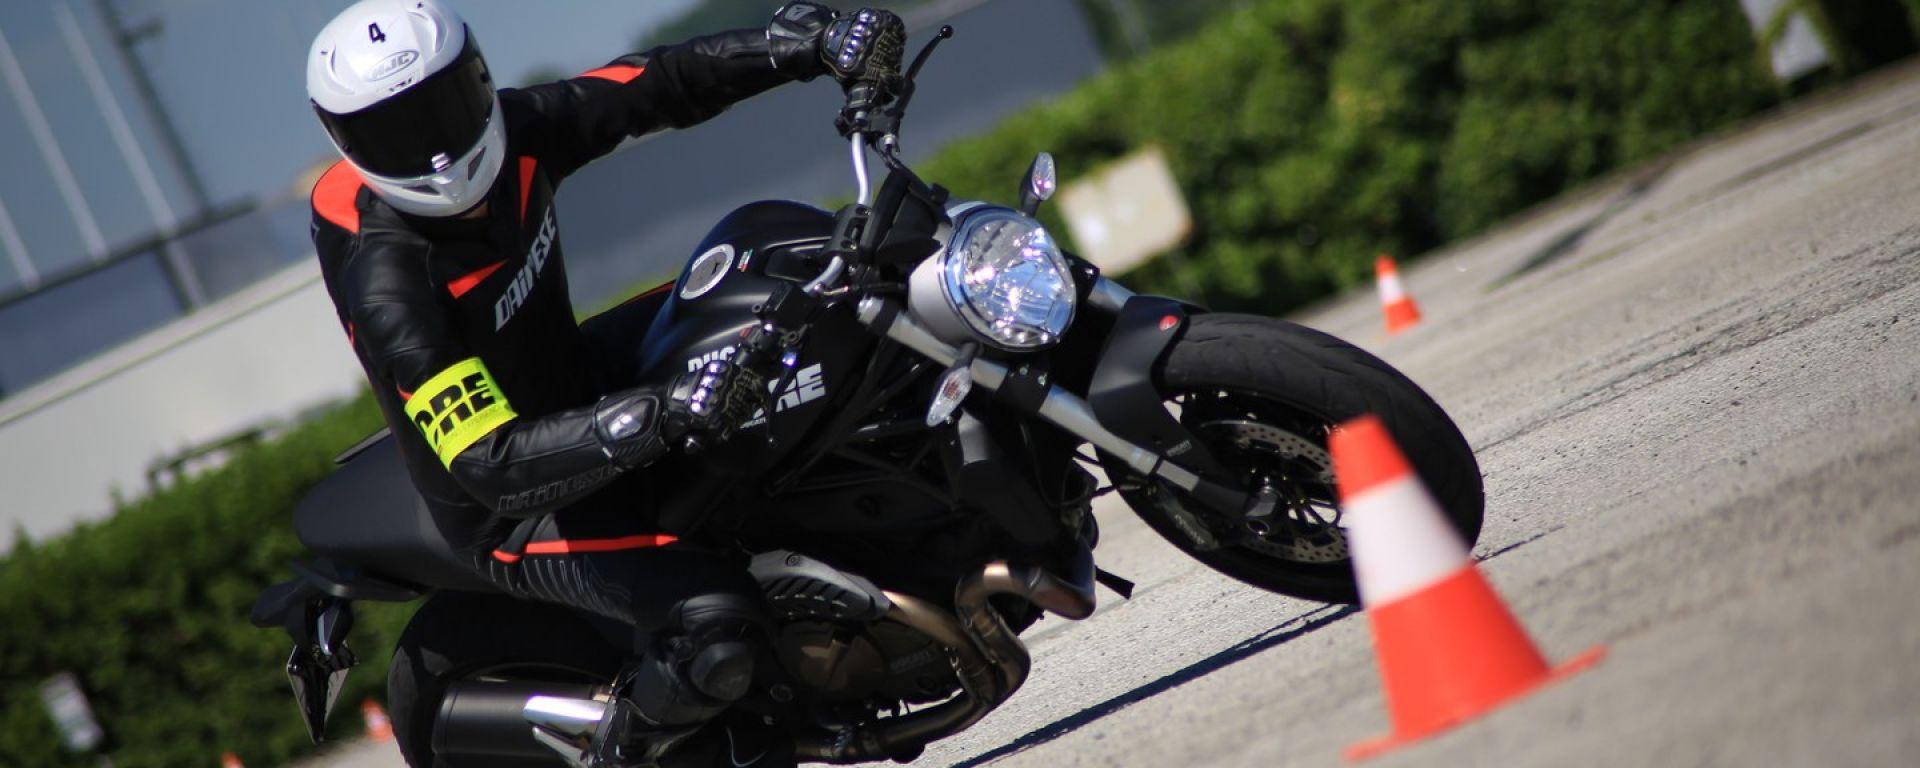 DRE Ducati Riding Experience: una giornata di corso Precision